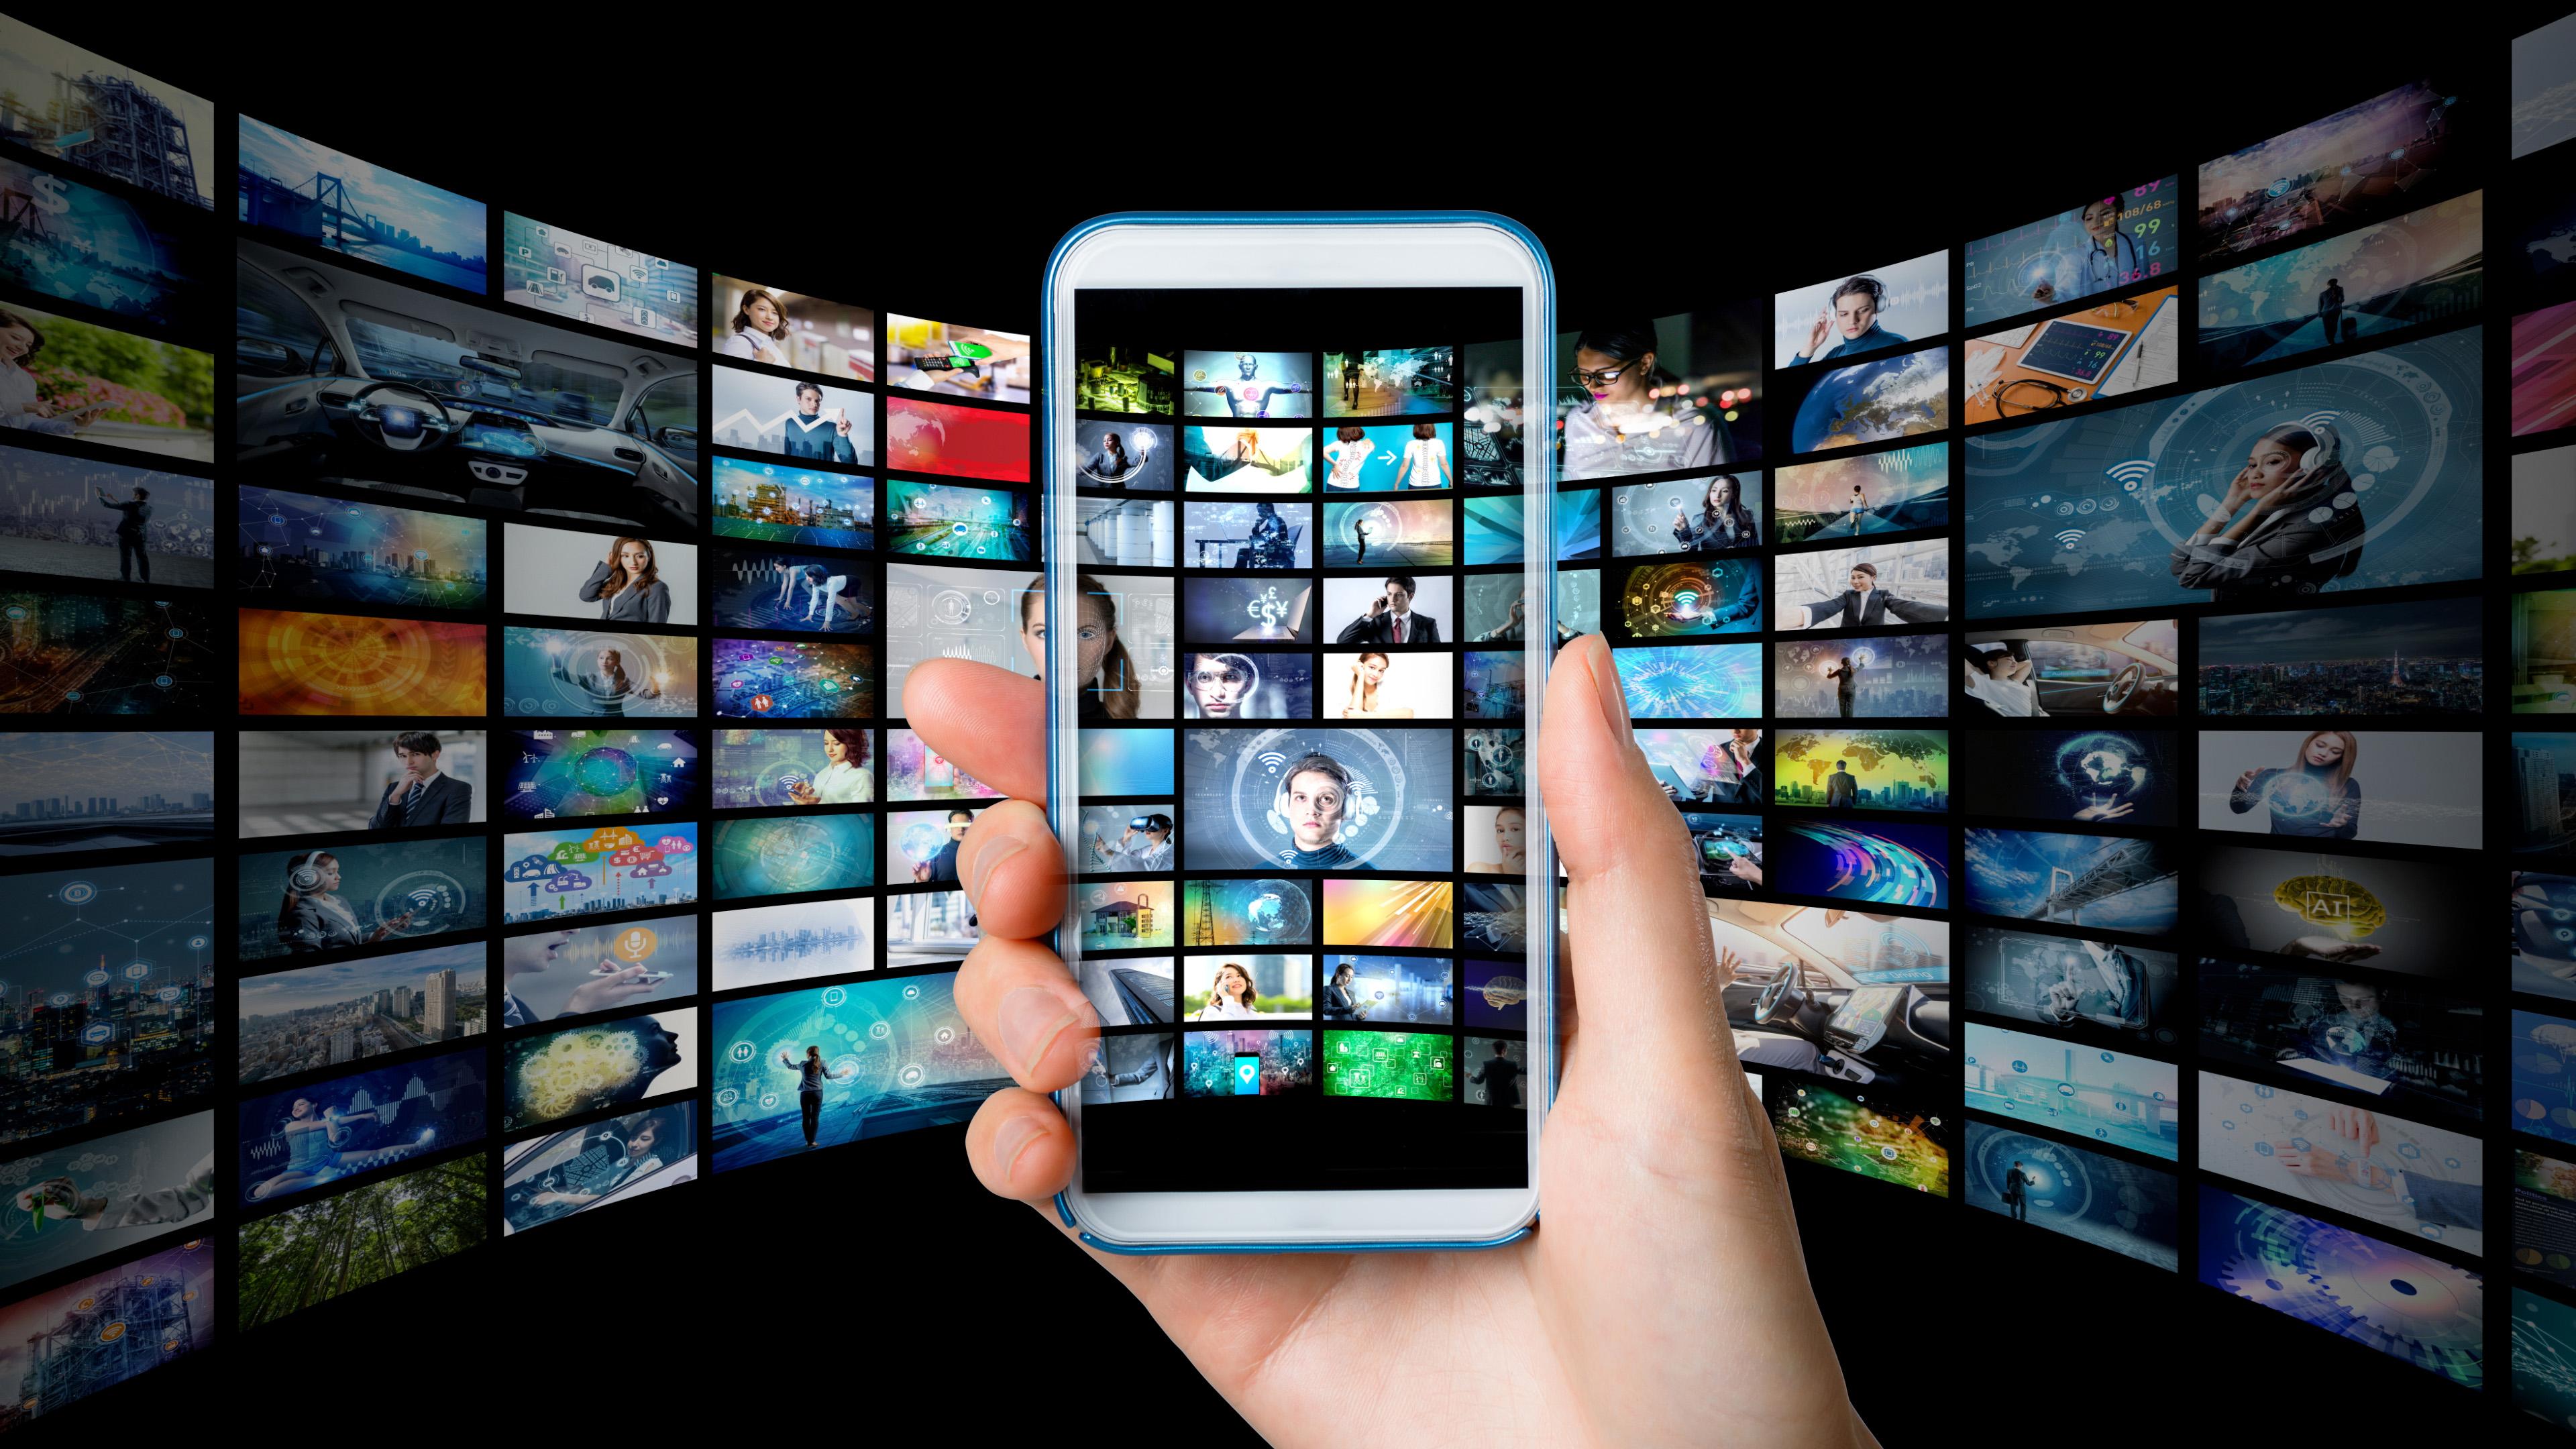 HD Forum evento 6 novembre 2020 - Tv. Covid-19: come cambia la tv con pandemia e lockdown. Esperti a confronto in streaming il 6/11 ad HDFI Innovation Day 2020. Partecipazione aperta a tutti